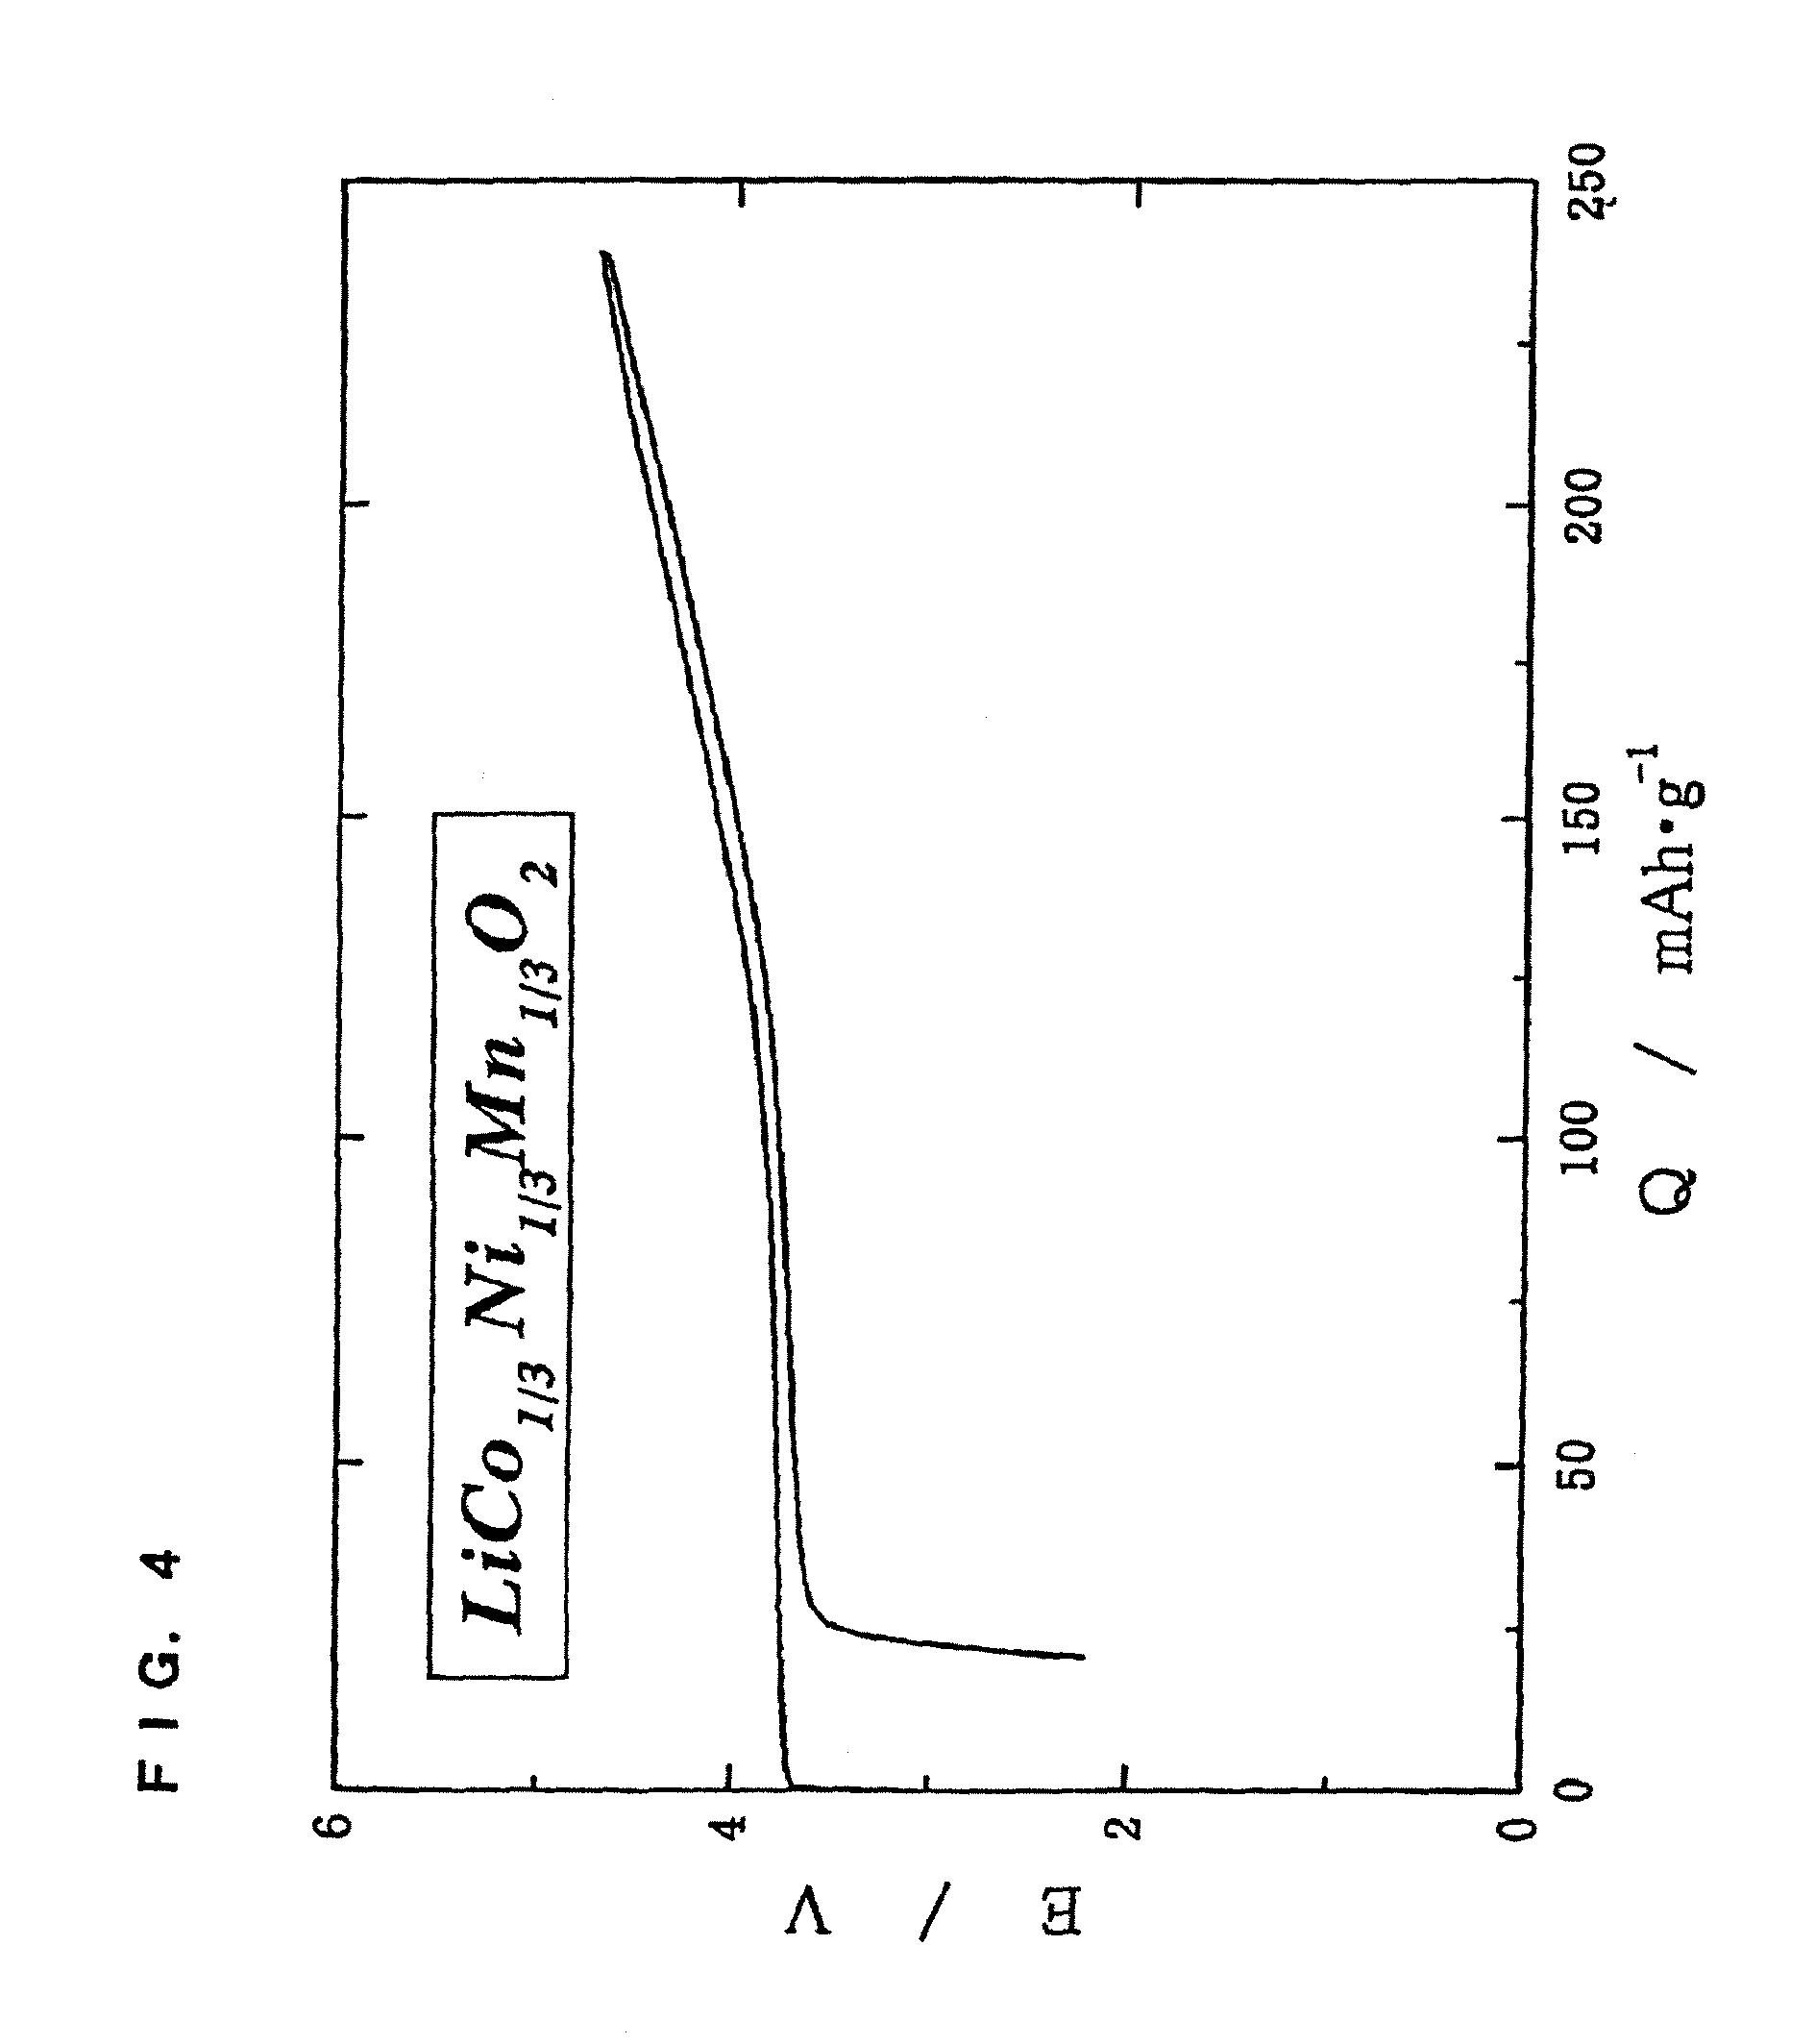 cobalt oxide lewis diagram 2002 gmc yukon denali radio wiring patent us7935443 lithium nickel manganese